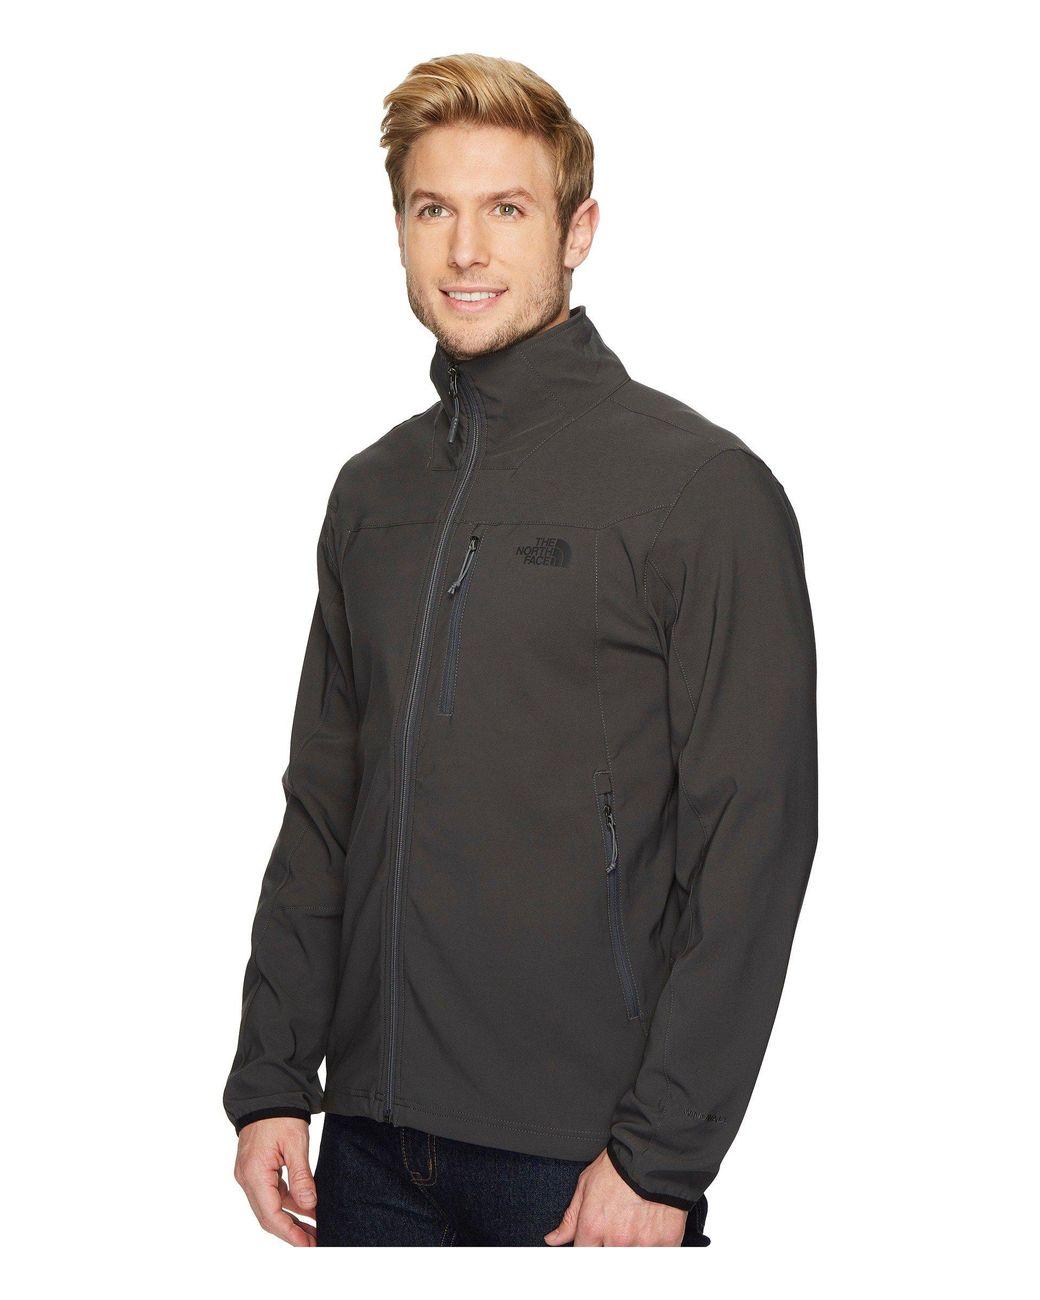 b7cfca39c Men's Gray Apex Nimble Jacket